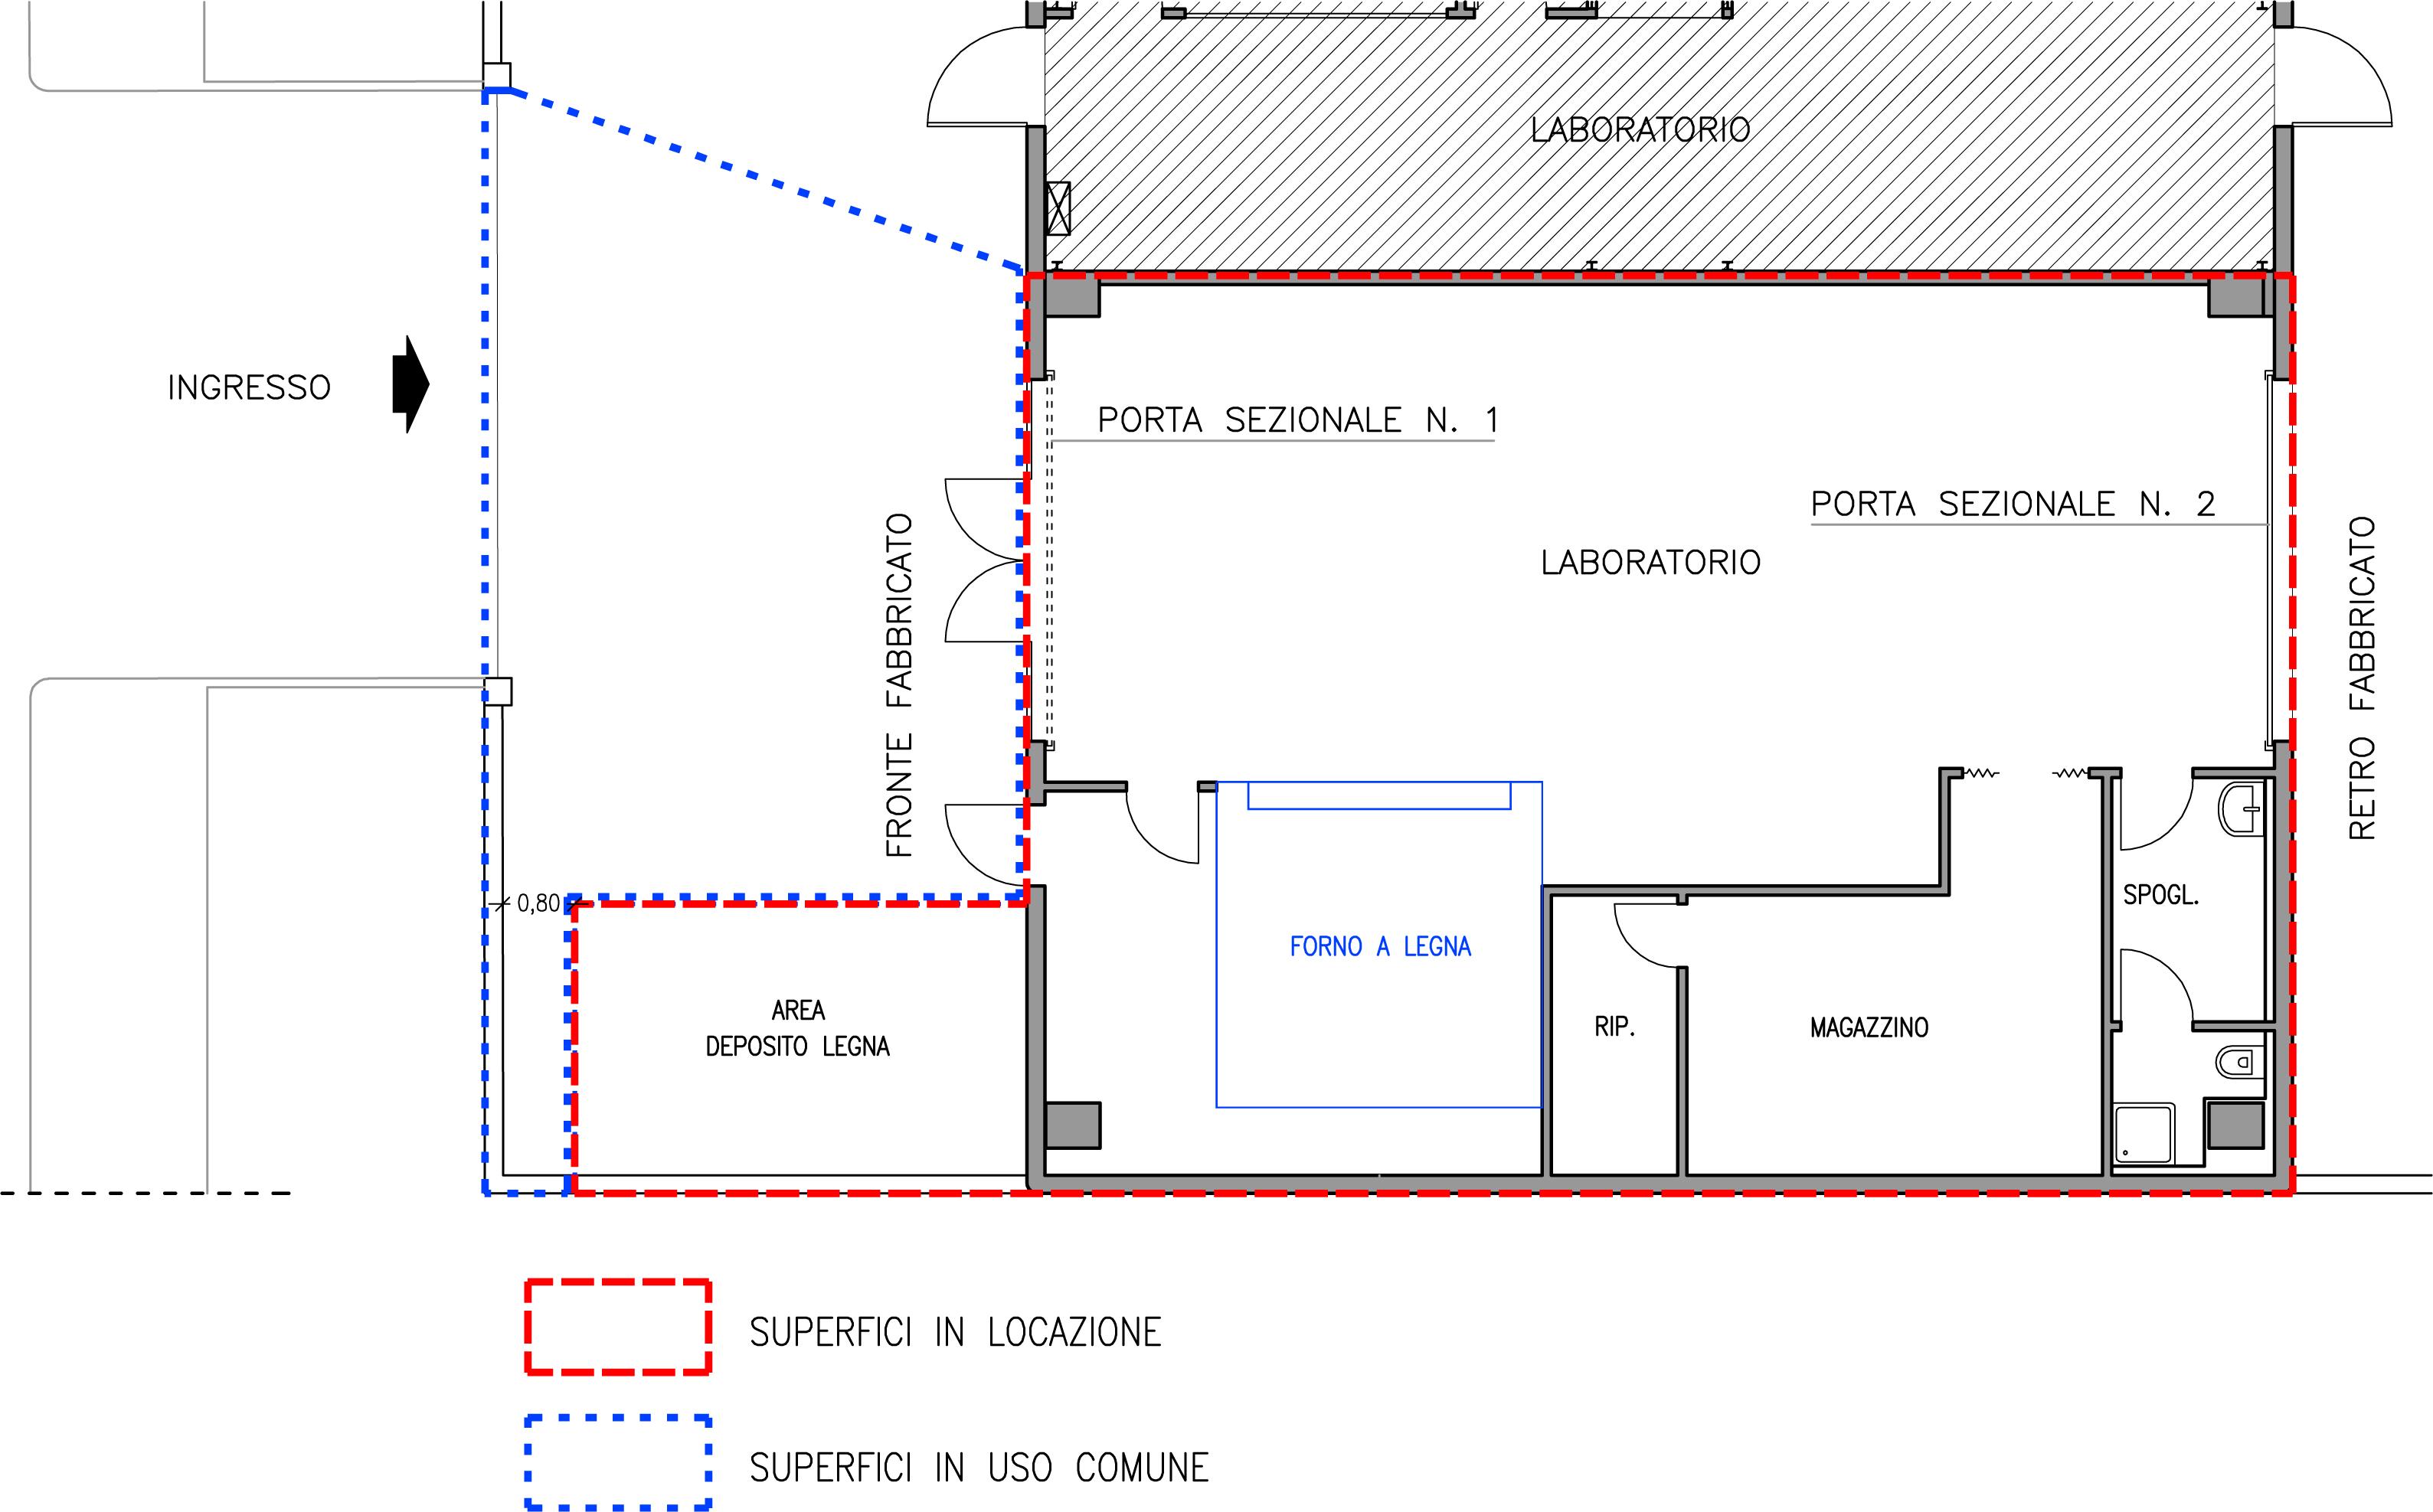 Alghero capannone in zona artigianale a poca distanza for Planimetrie capannone